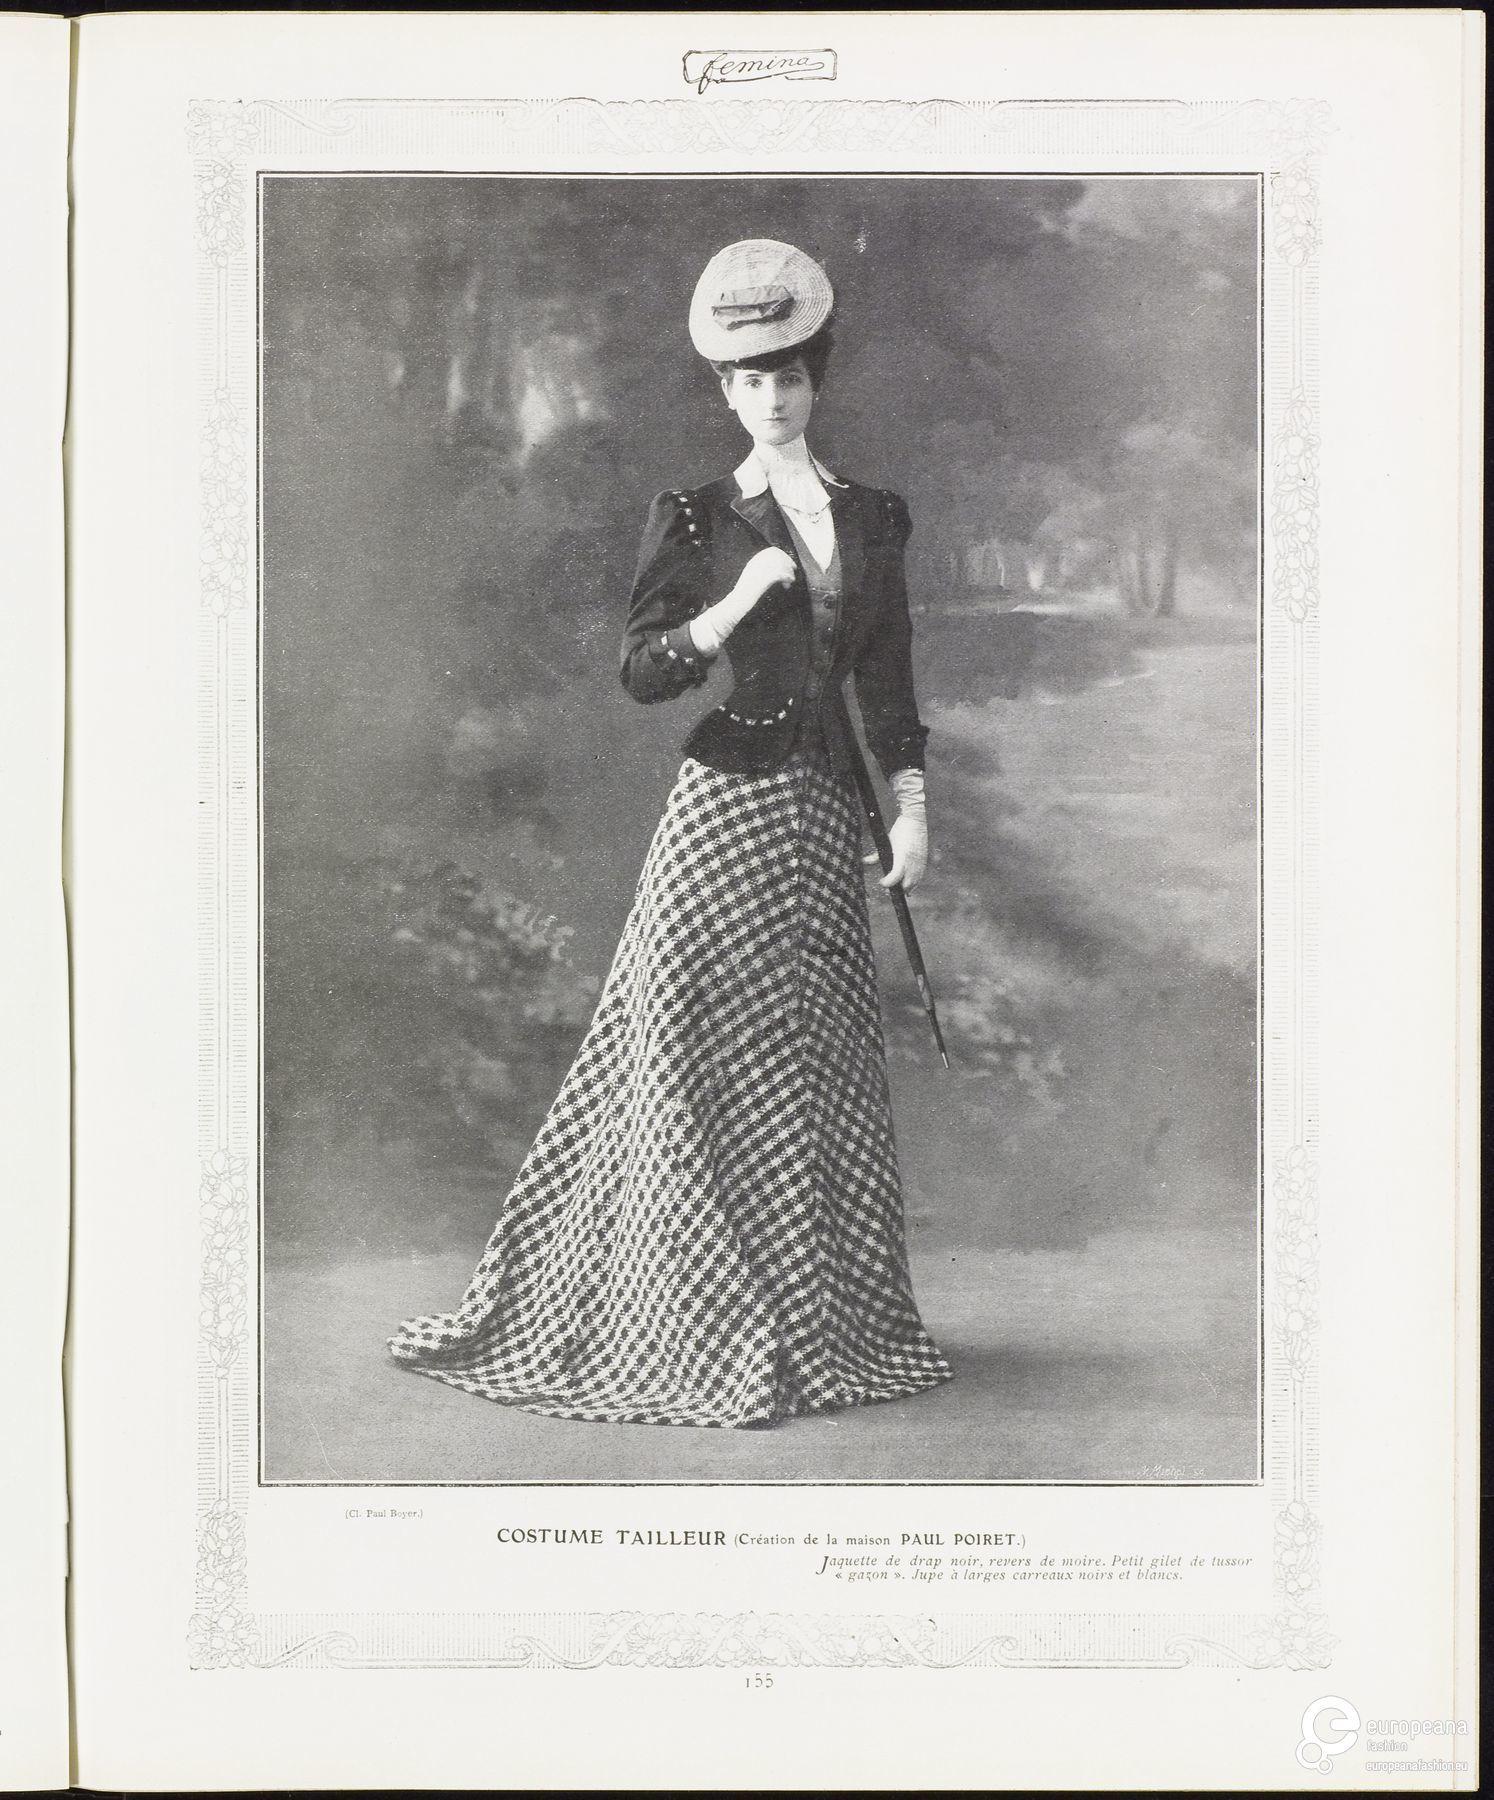 Costume tailleur (Création de la maison Paul Poiret)